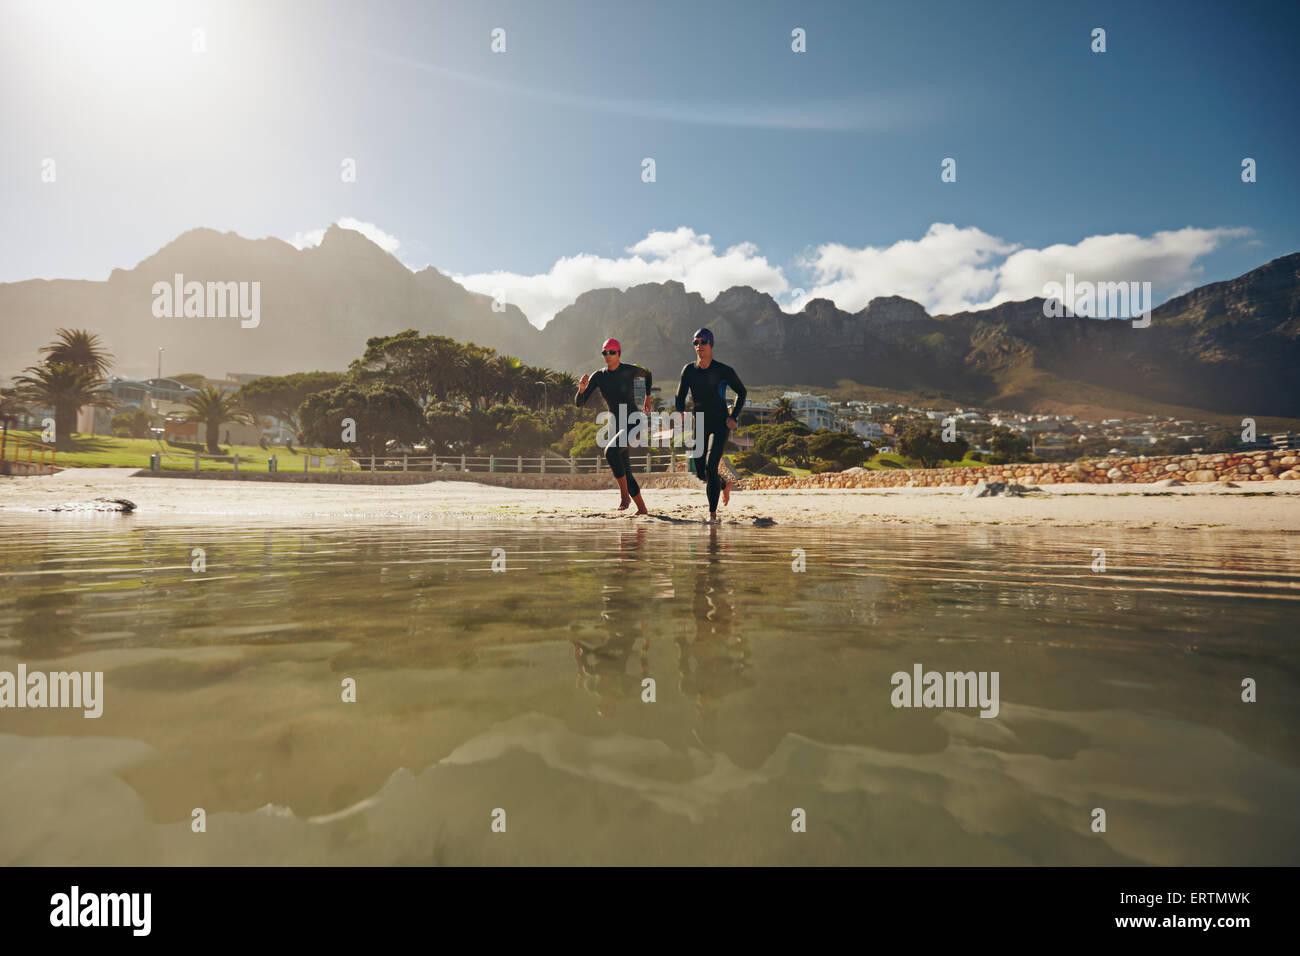 Tiro de dos atletas corriendo en el agua, practicando para la competencia de triatlón. El hombre y la mujer Imagen De Stock